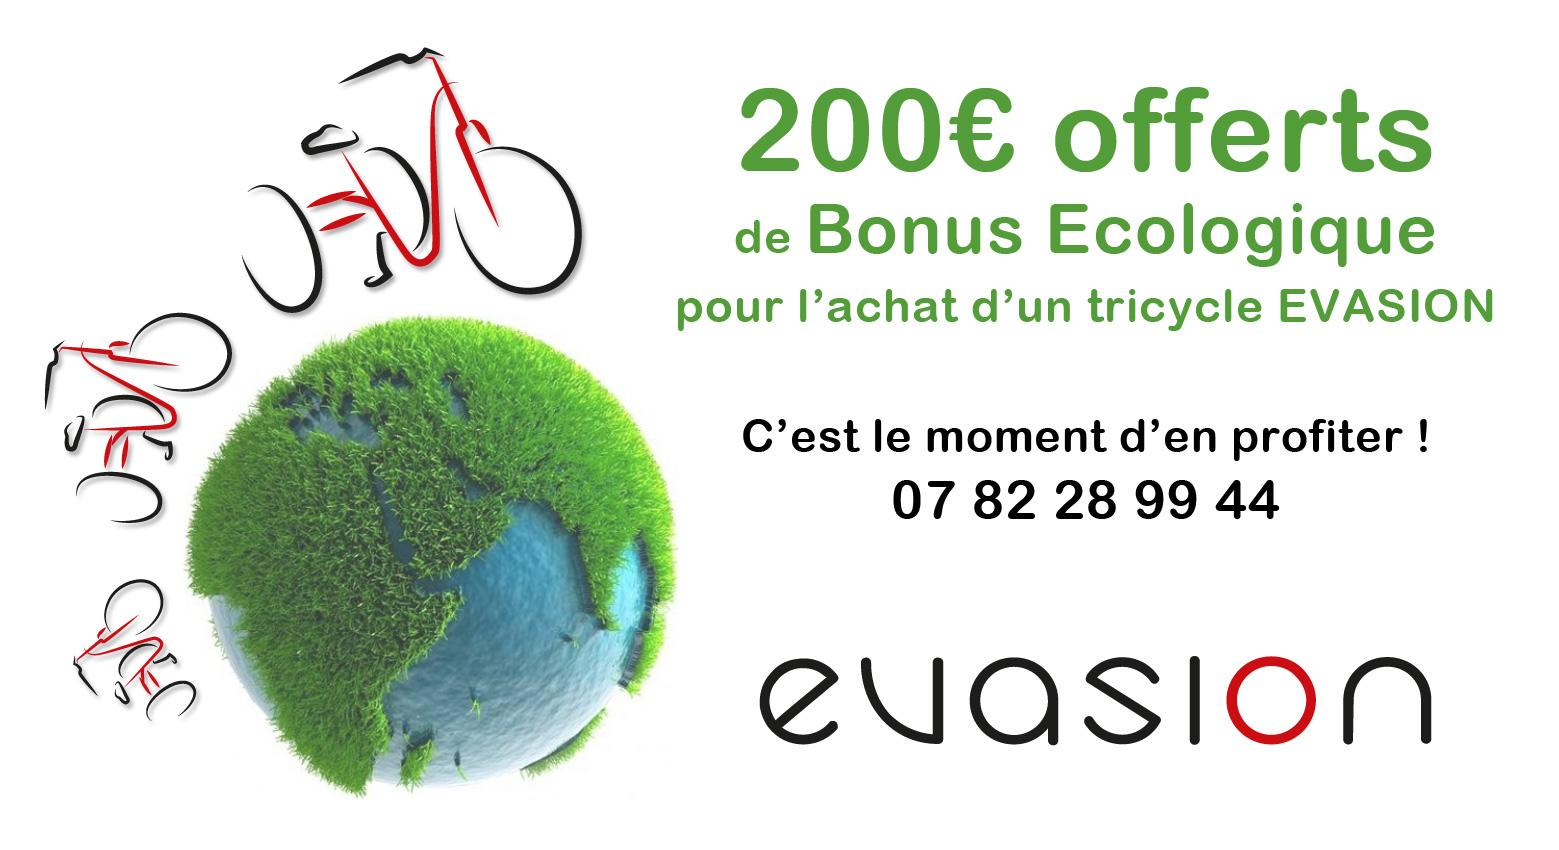 Bonus écologique 200€